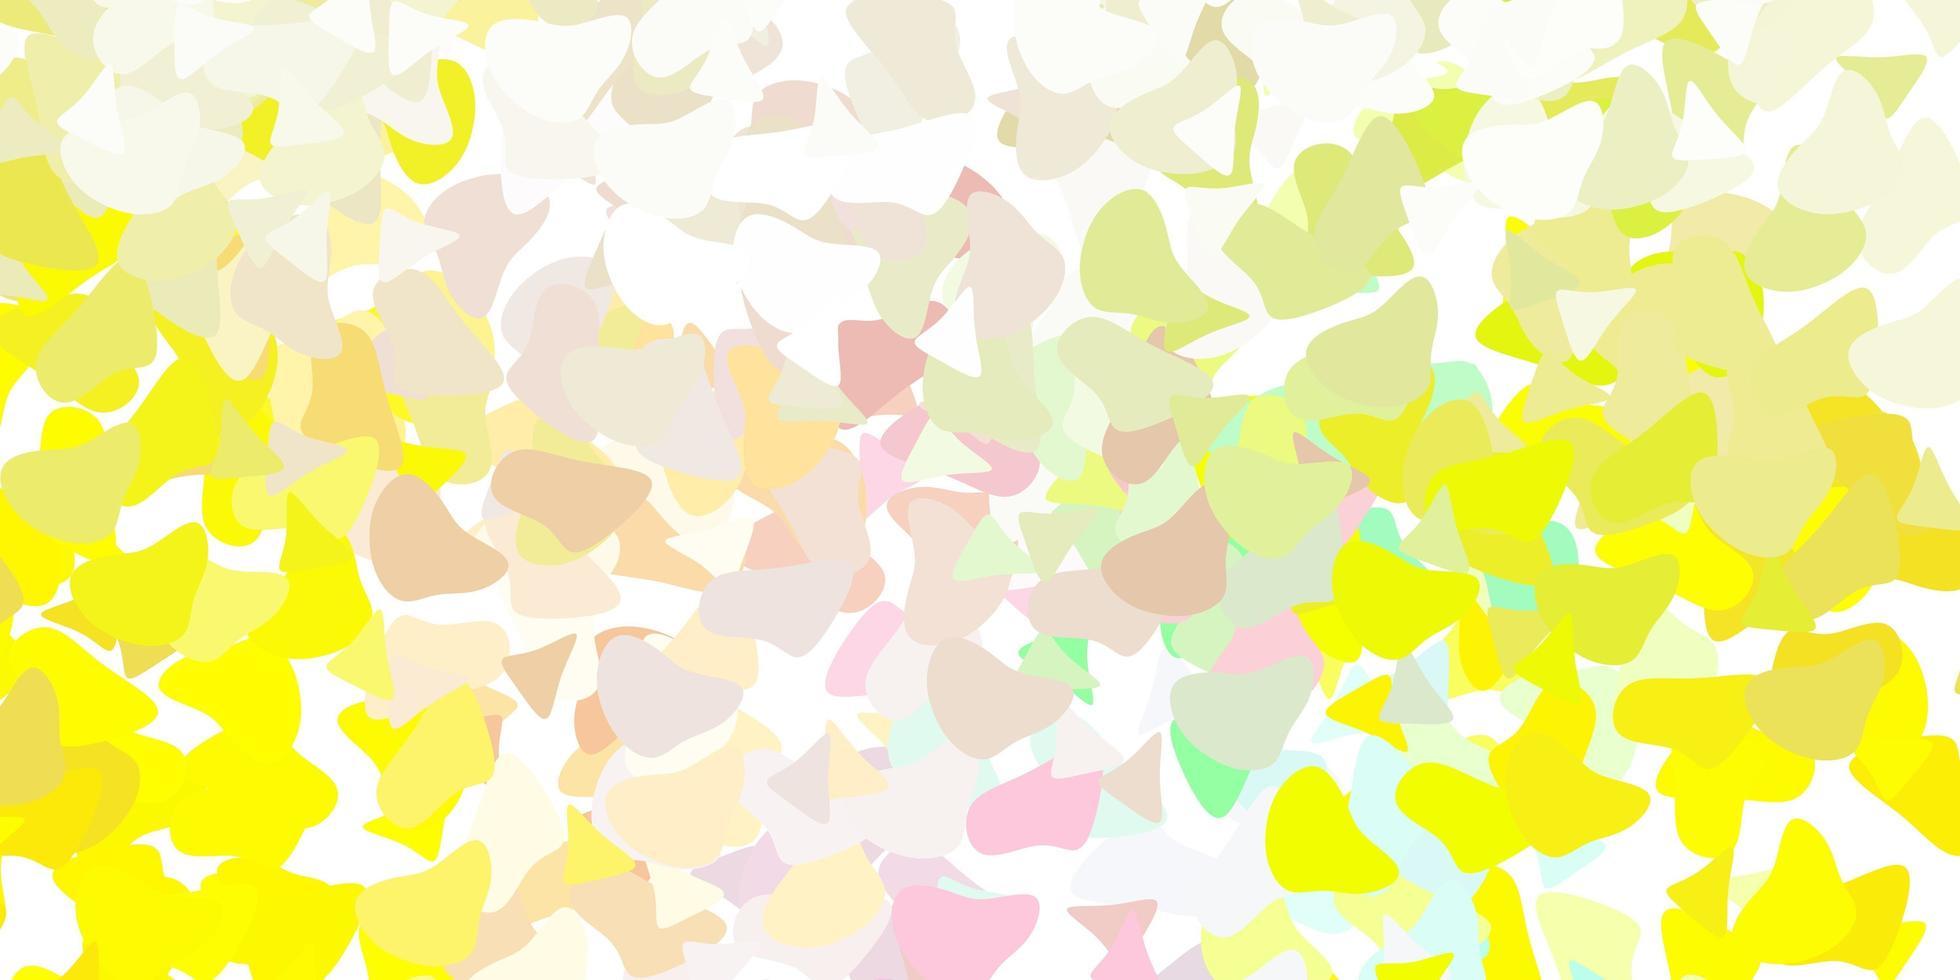 lichtgroen, rood vectorpatroon met abstracte vormen. vector